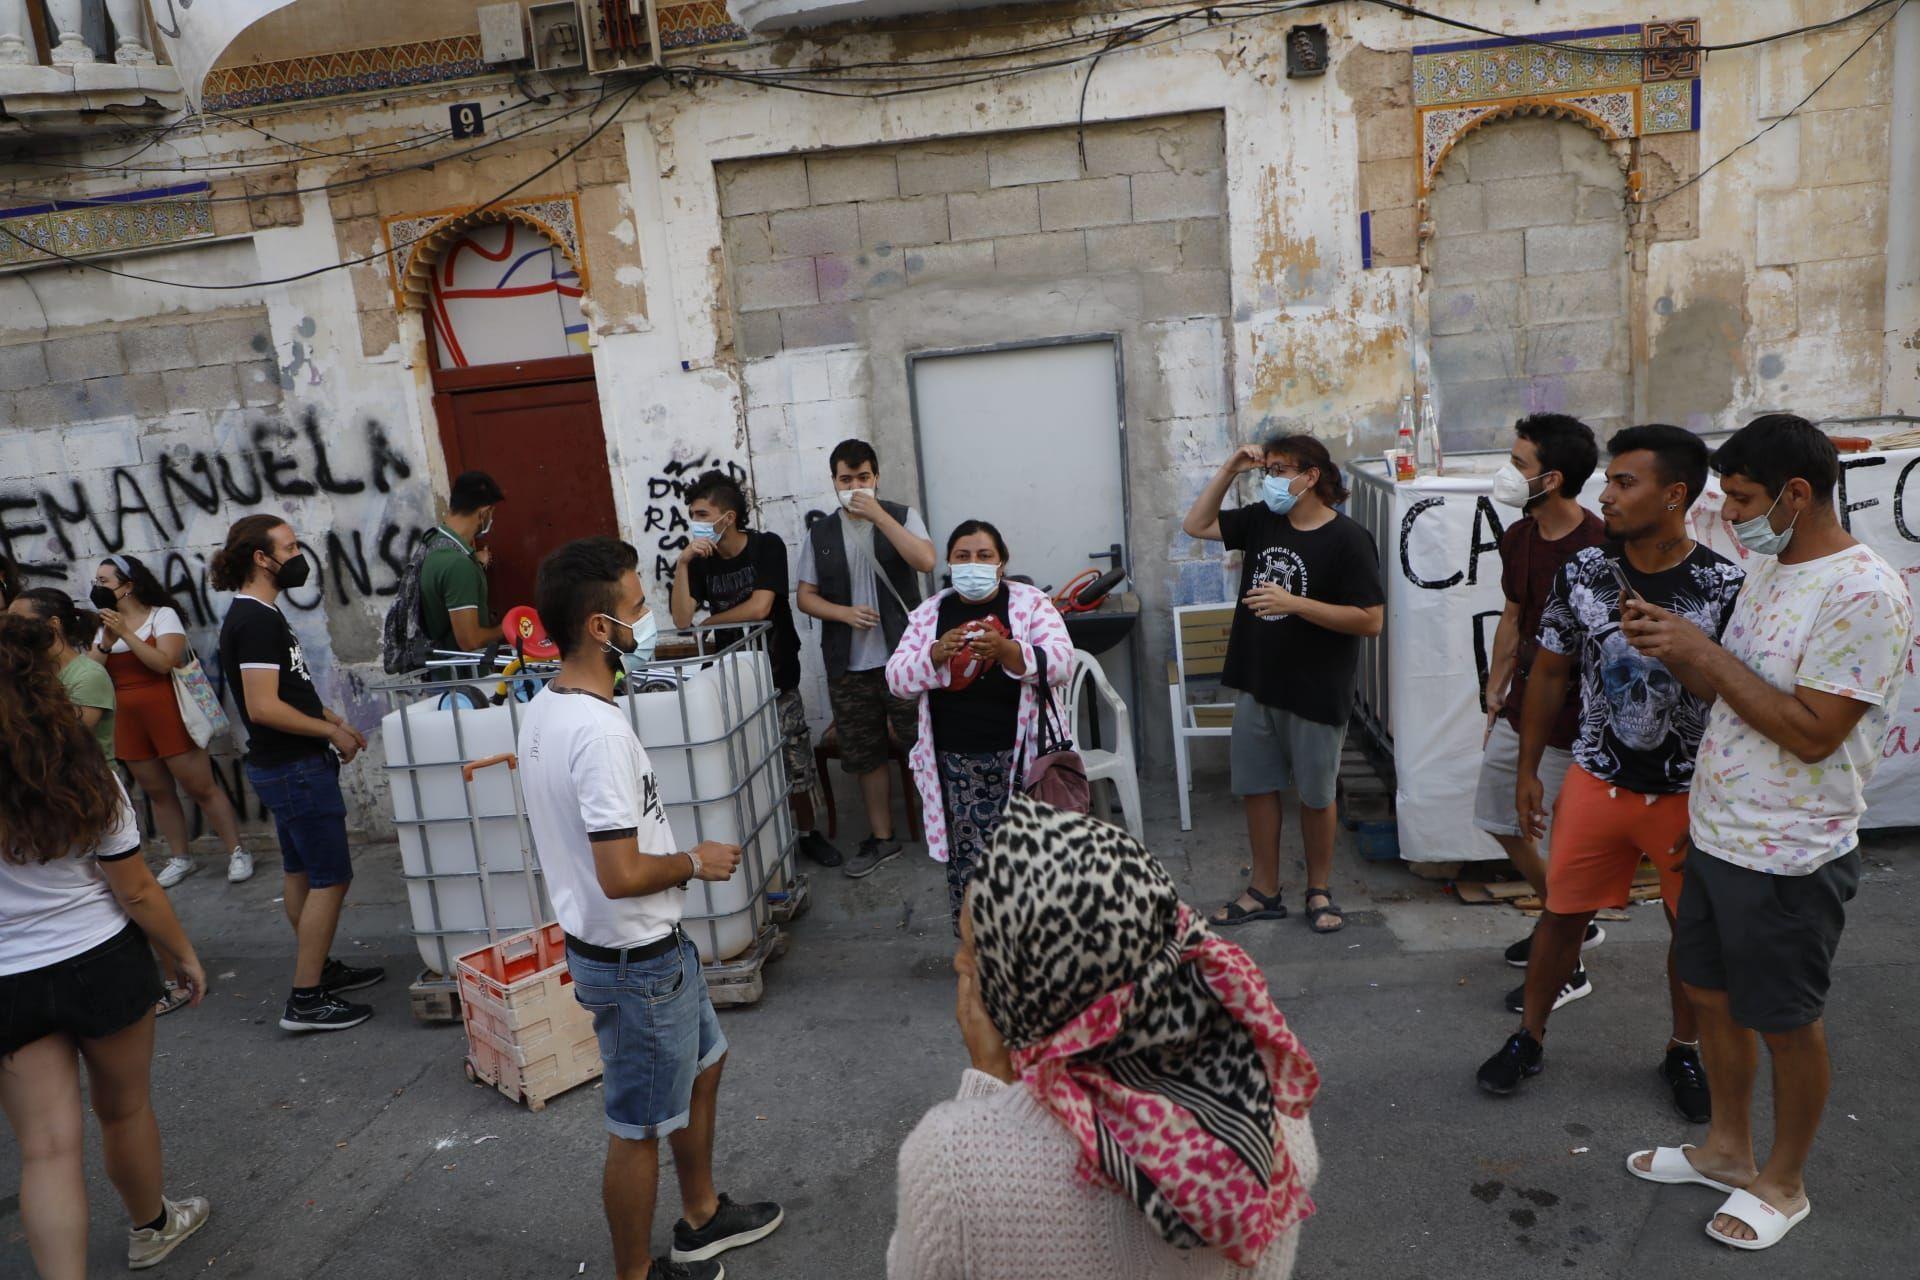 Retrasan 10 días el desahucio de los vecinos de la Creu Coberta